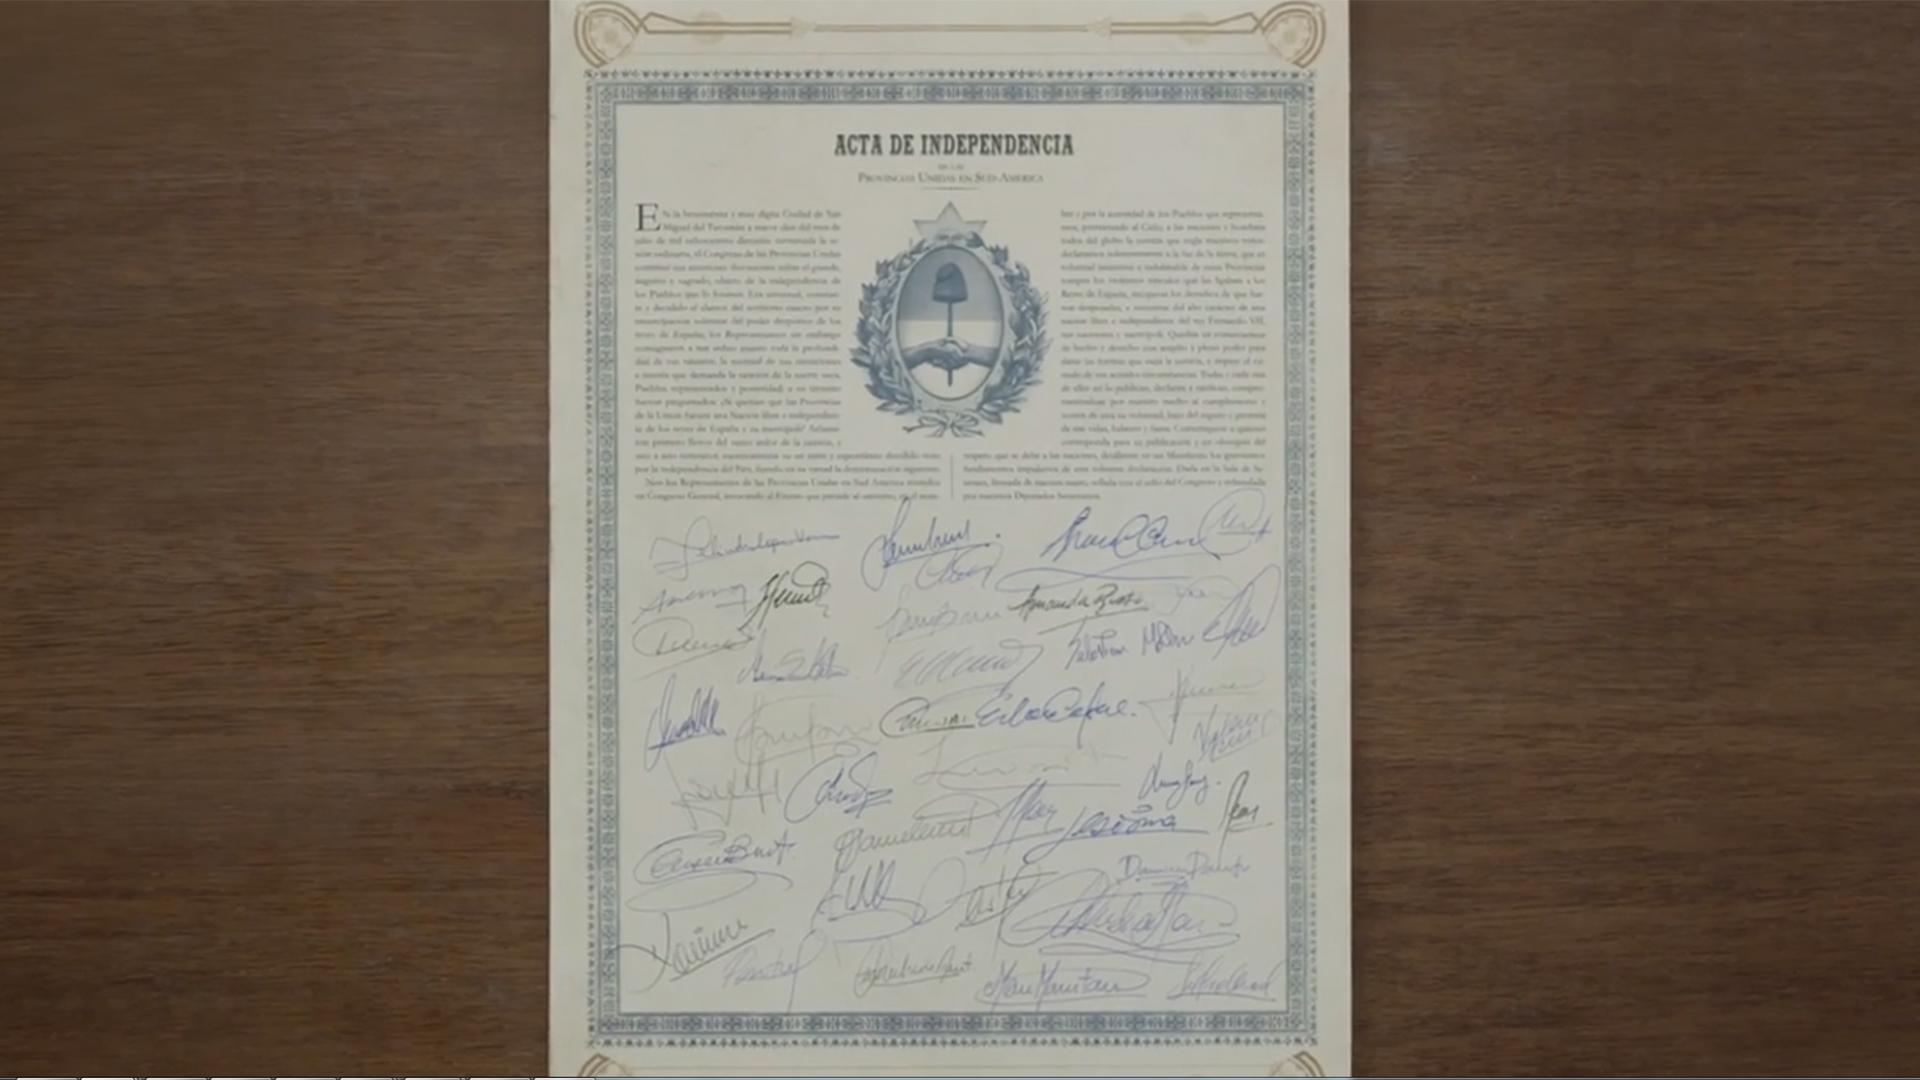 ACTA DE INDEPENDENCIA 1920 bicentenario